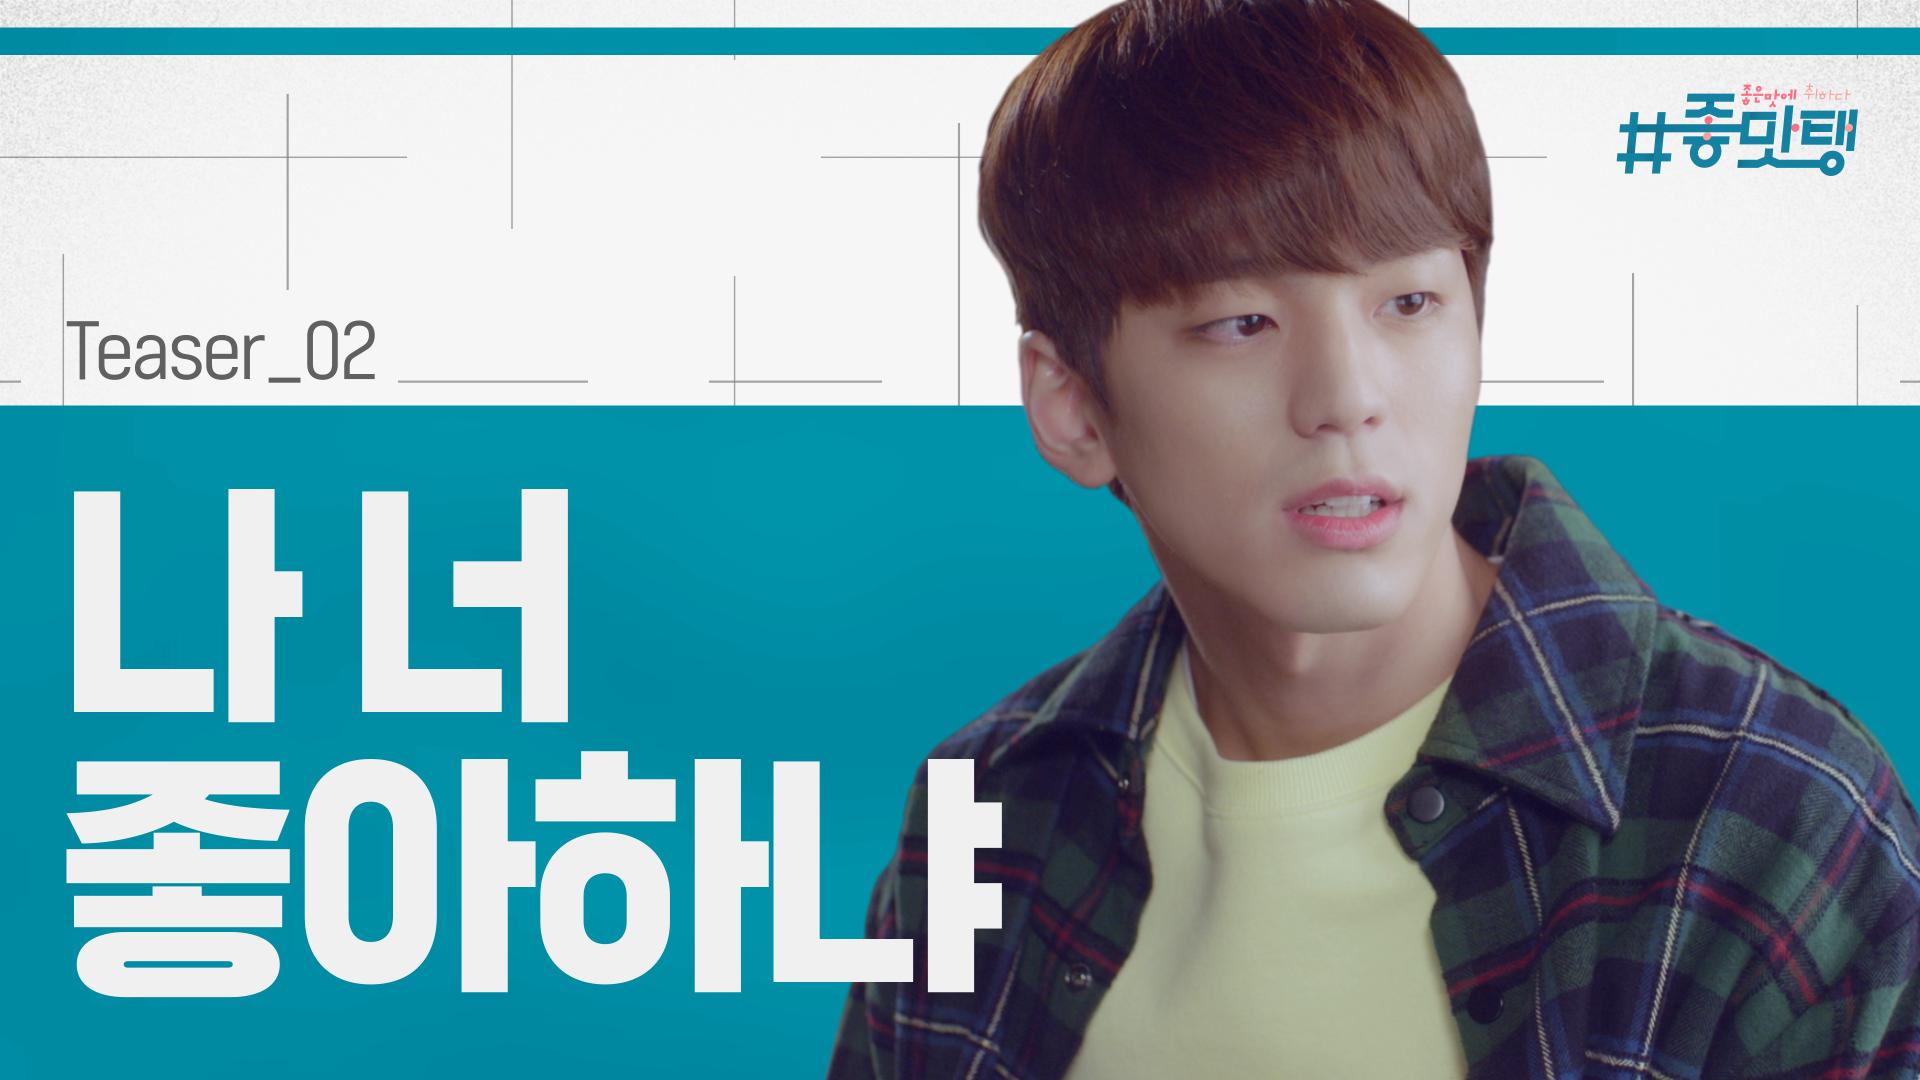 나,,너,, 좋아하냐? 풋풋한 스무살의 로맨스 [#좋맛탱] 12월 24일 11시 tvN 첫방송